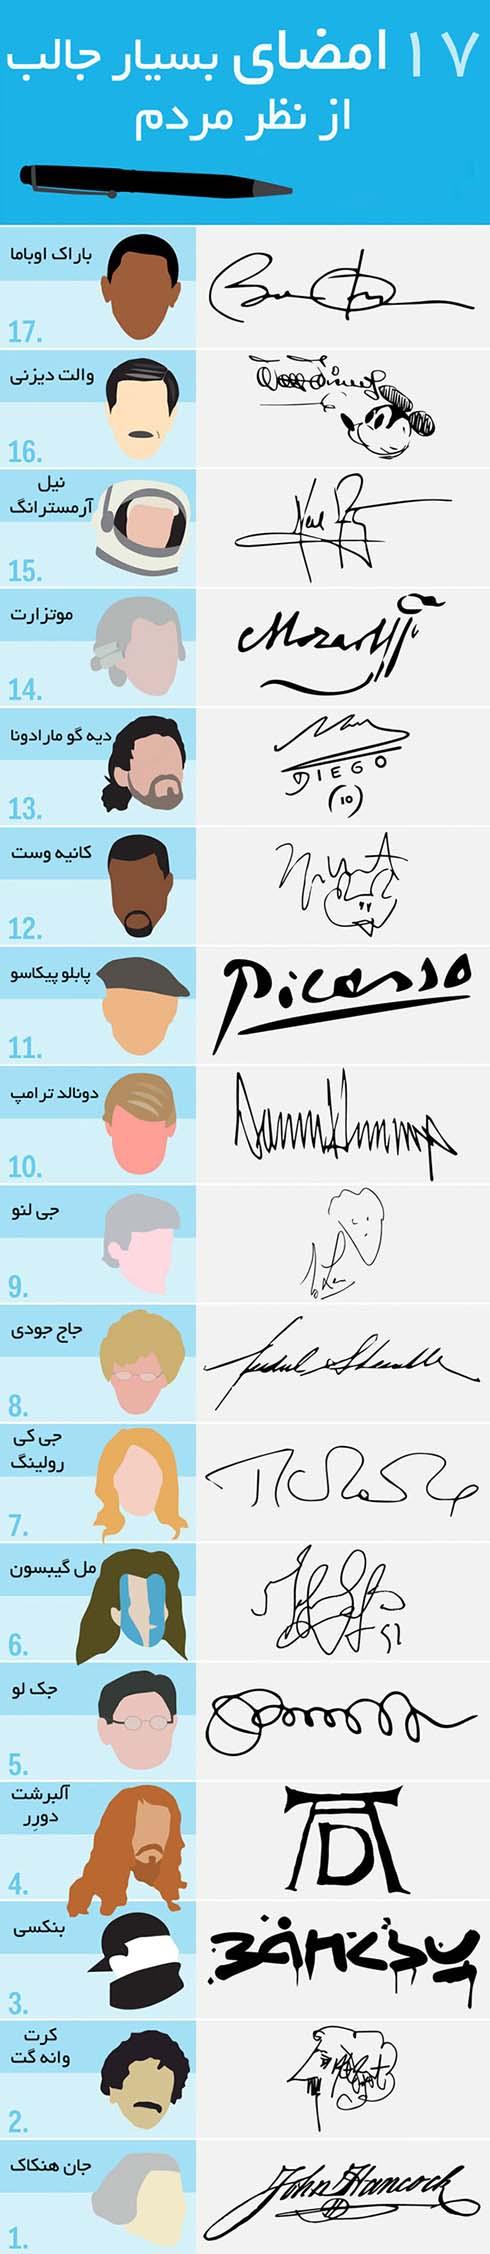 عجیبترین مدلهای امضاء اشخاص مشهور